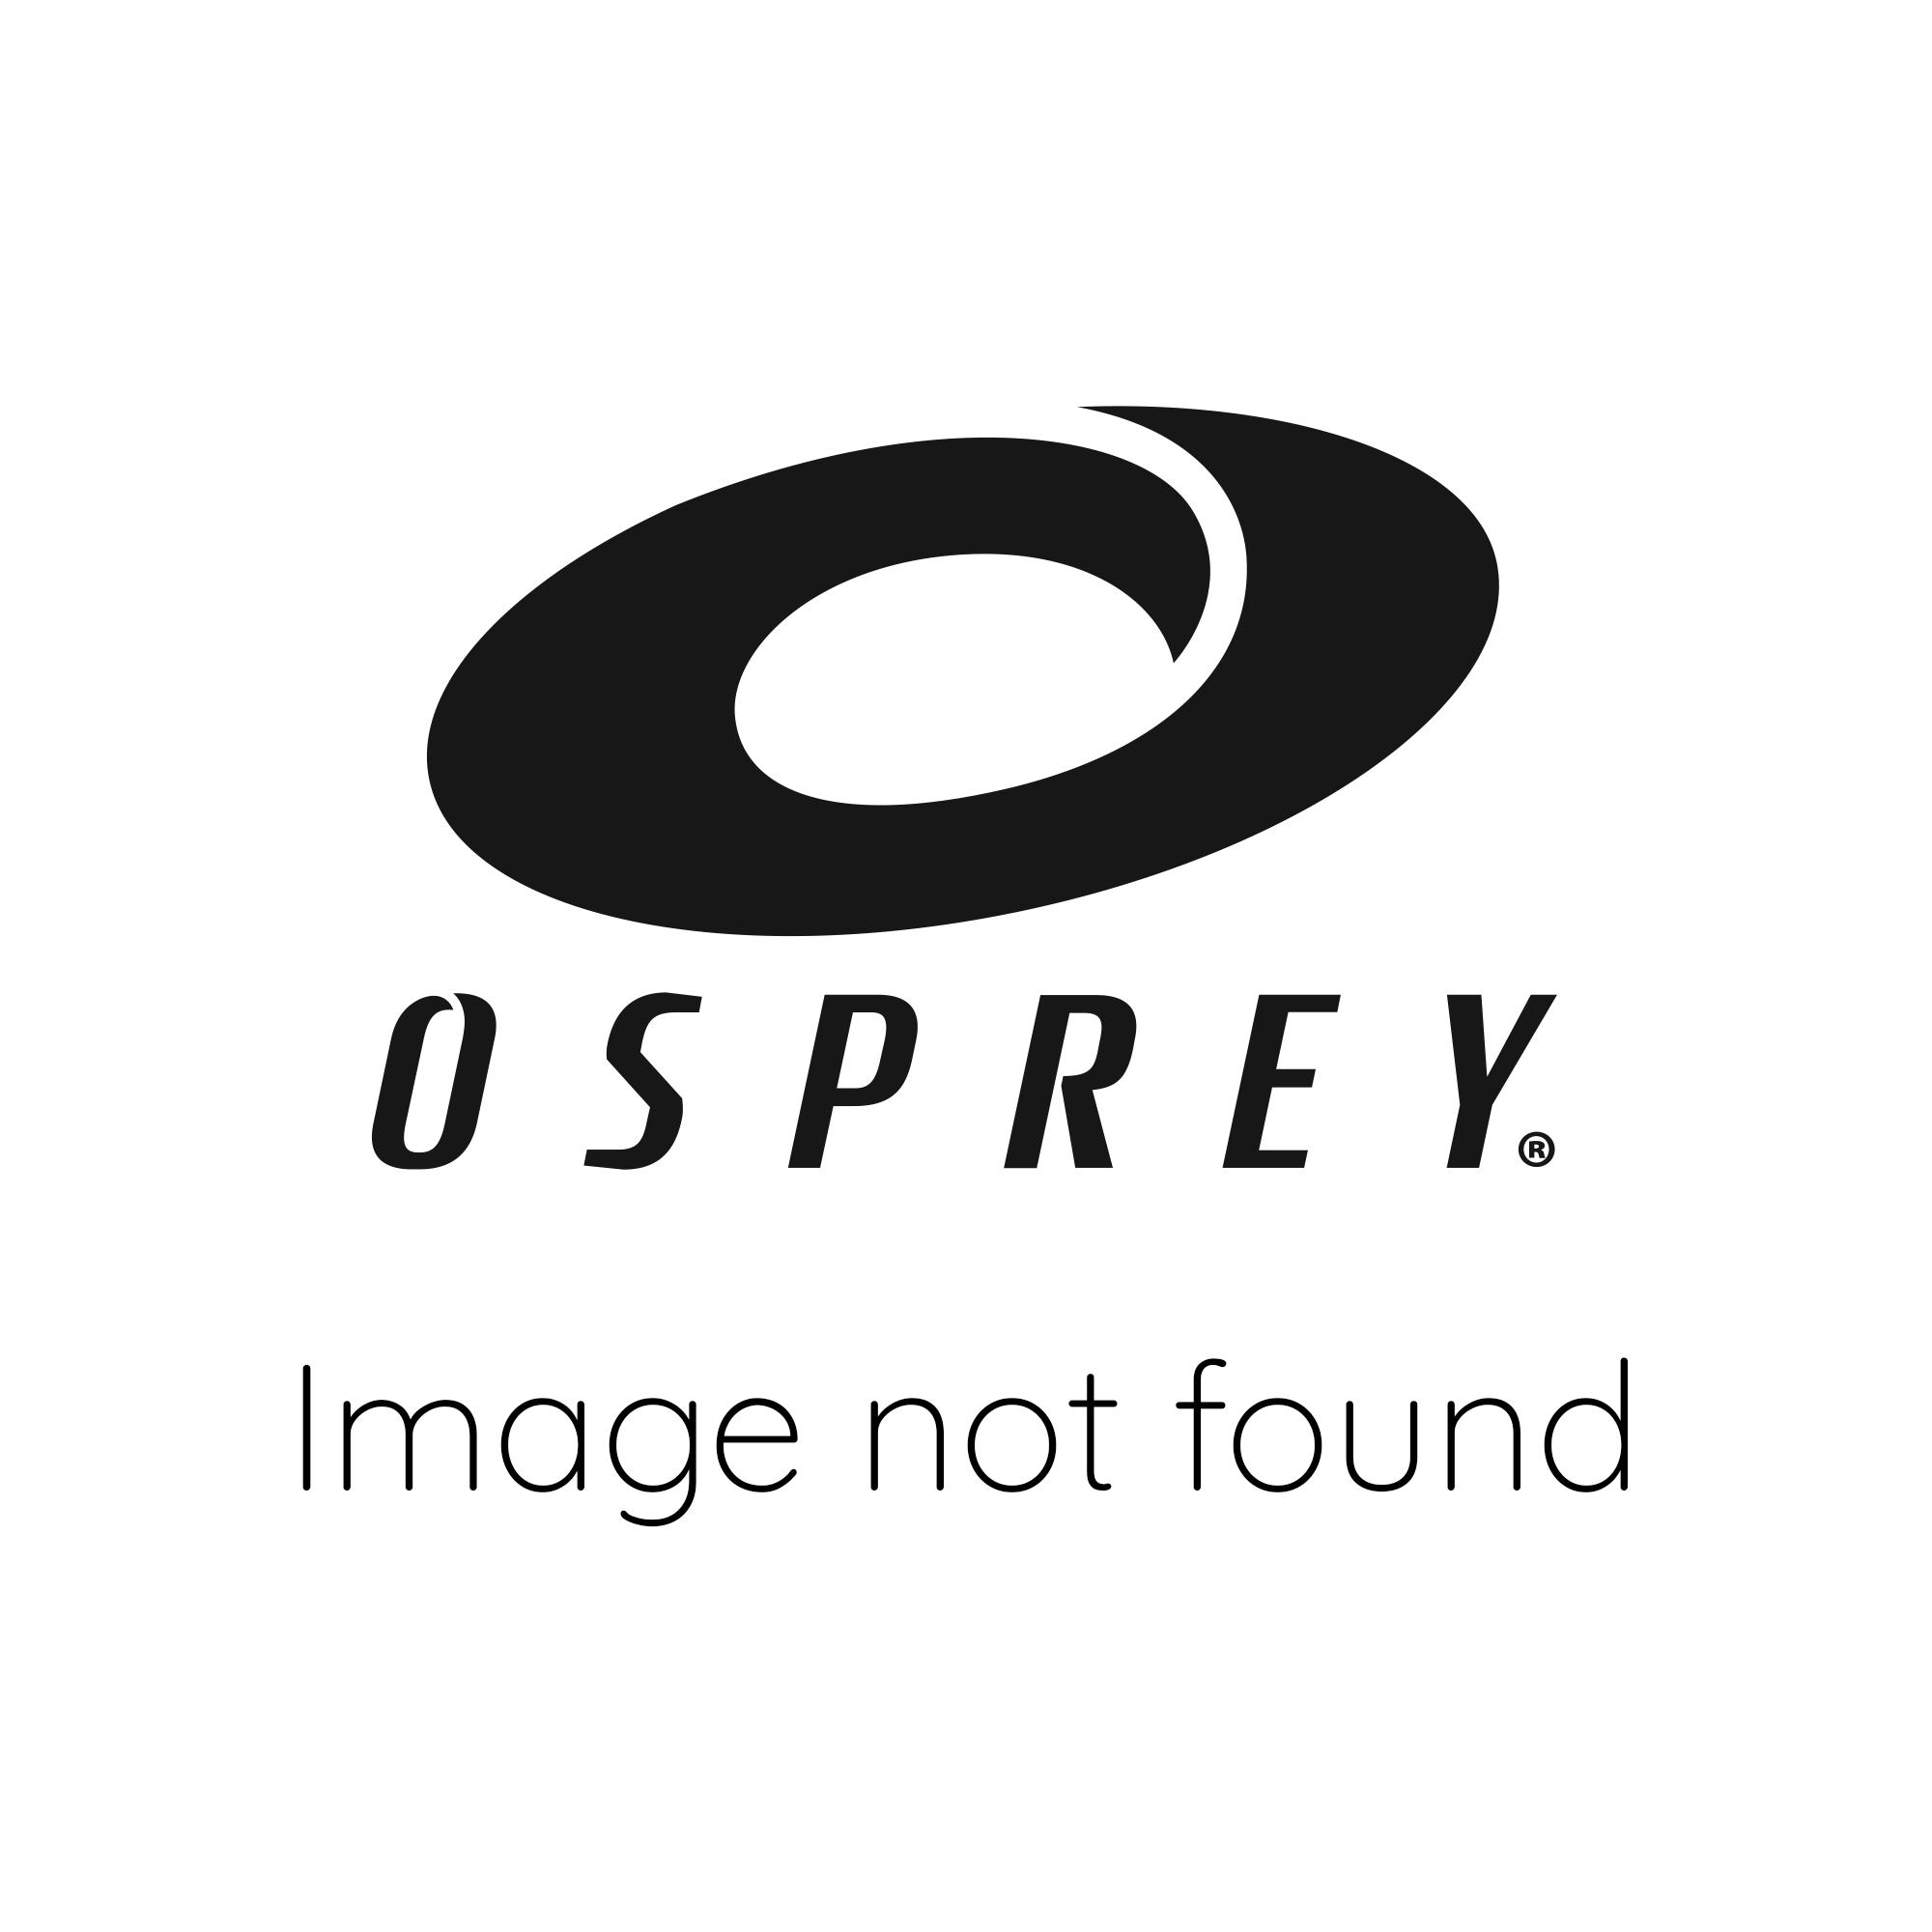 Osprey Mens 5mm Triathlon Full Length Wetsuit Pro - Black